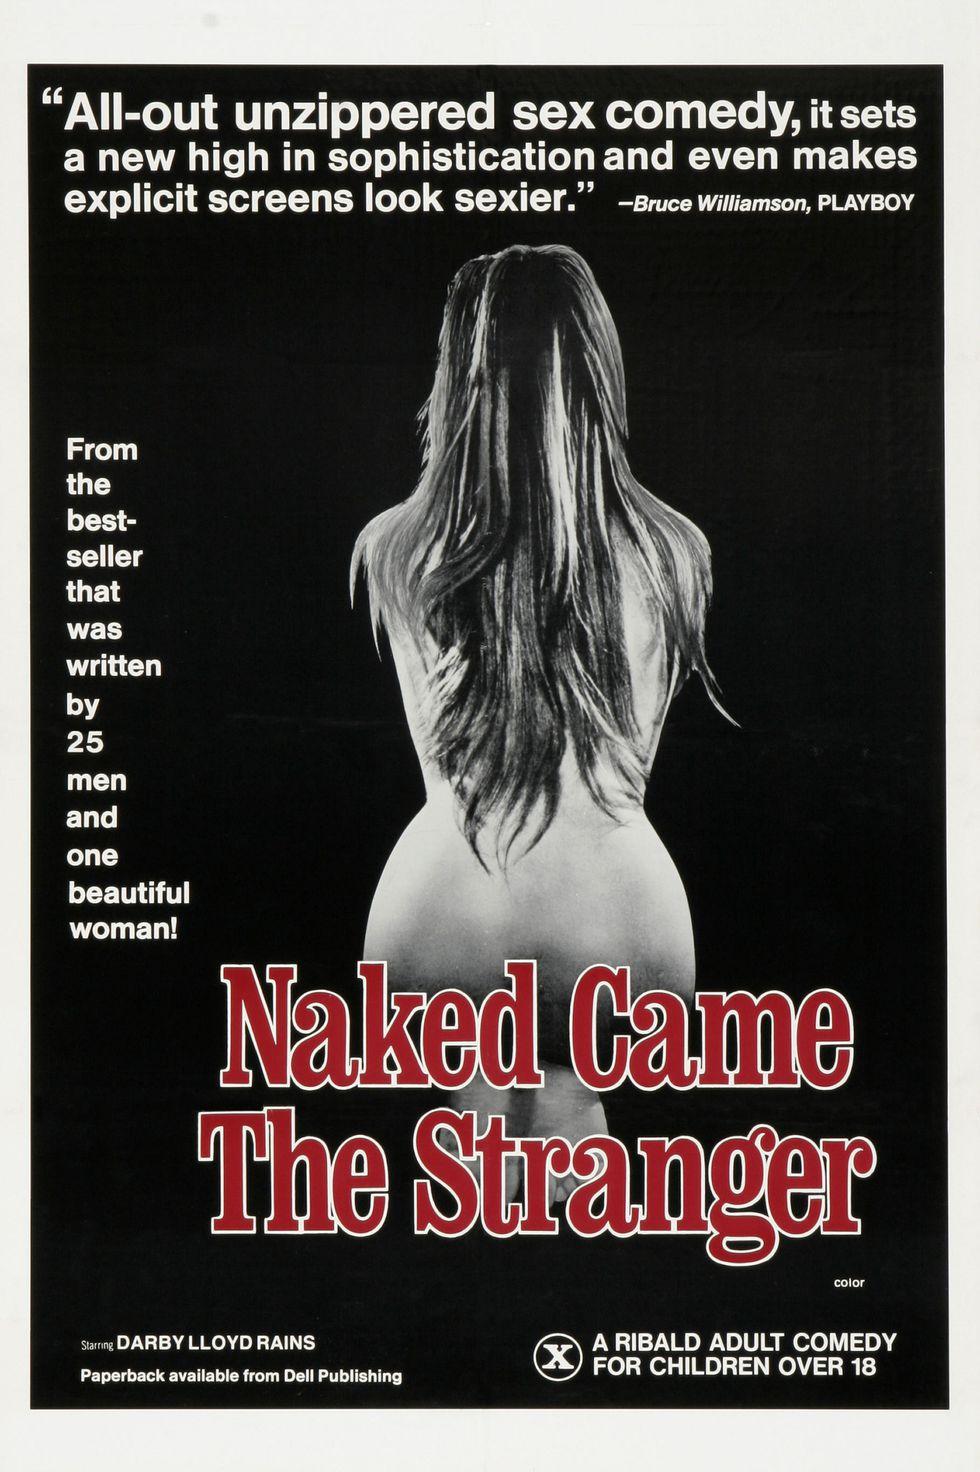 Czarno bialy plakat promujacy film porno przedstawia naga kobiete od tylu - Naked Came The Stranger